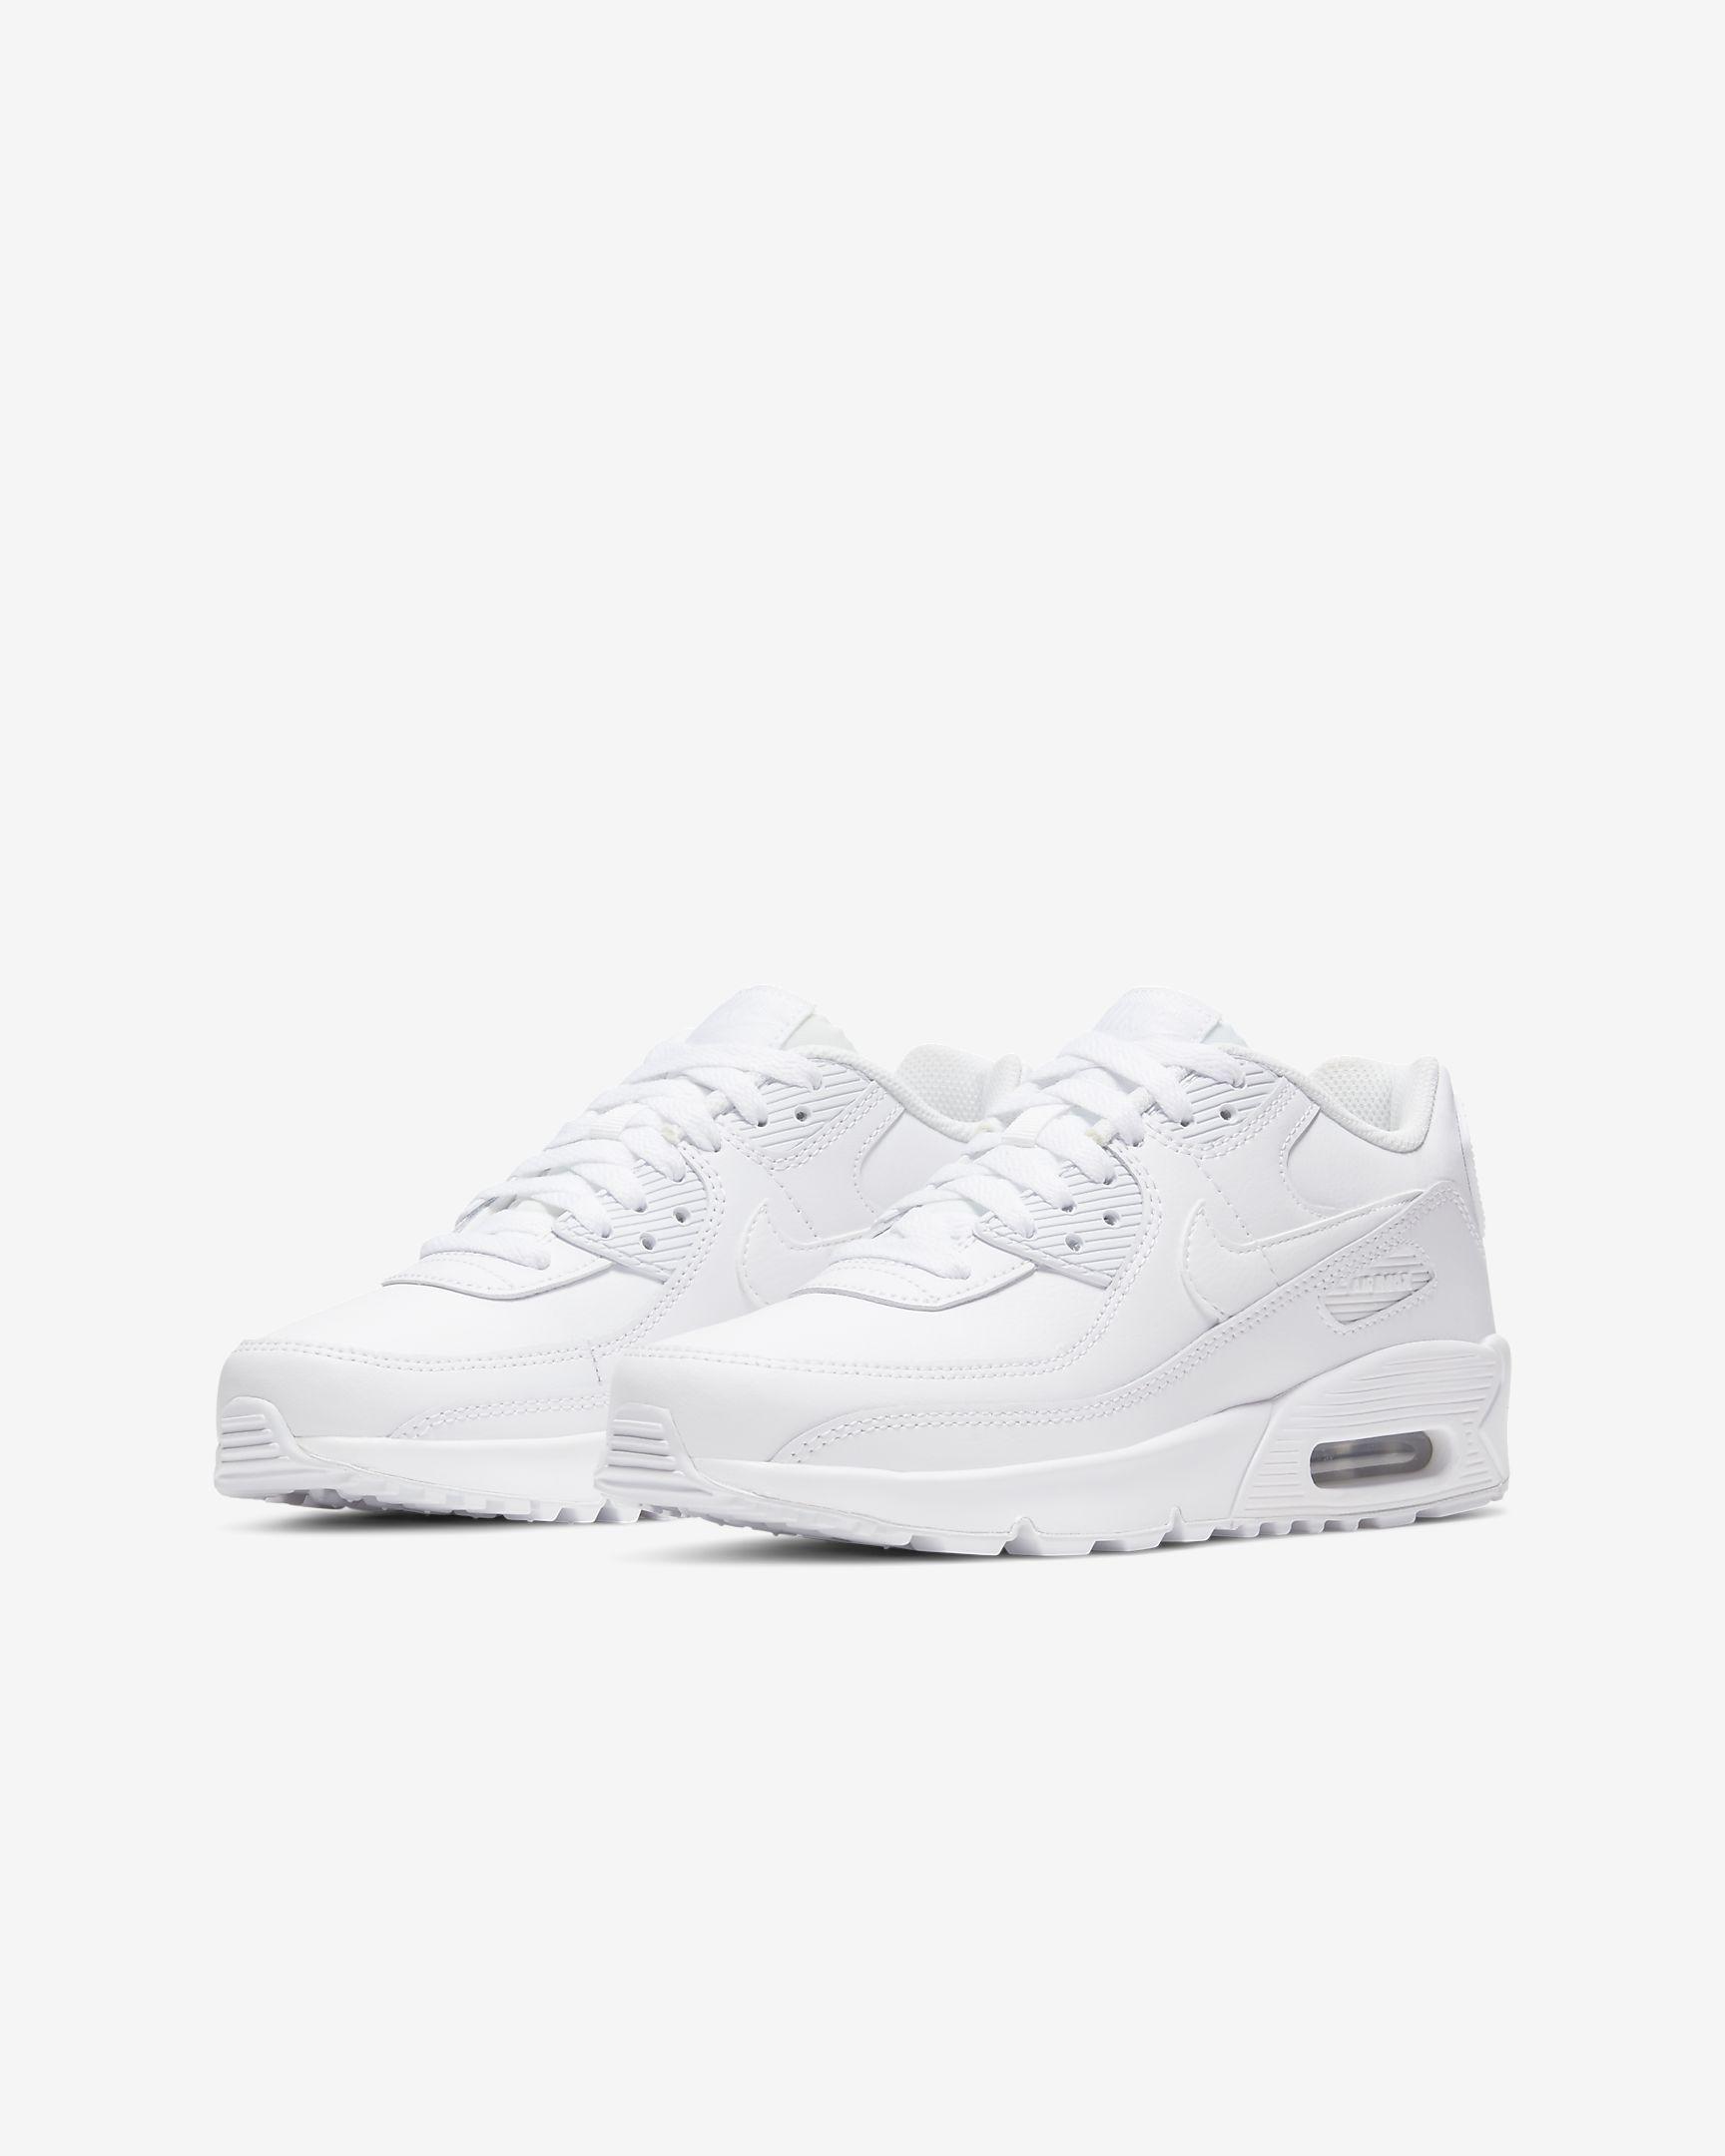 Tenisky Nike Air Max 90 Kožené Biele-WWW.AIRFORCE.SK